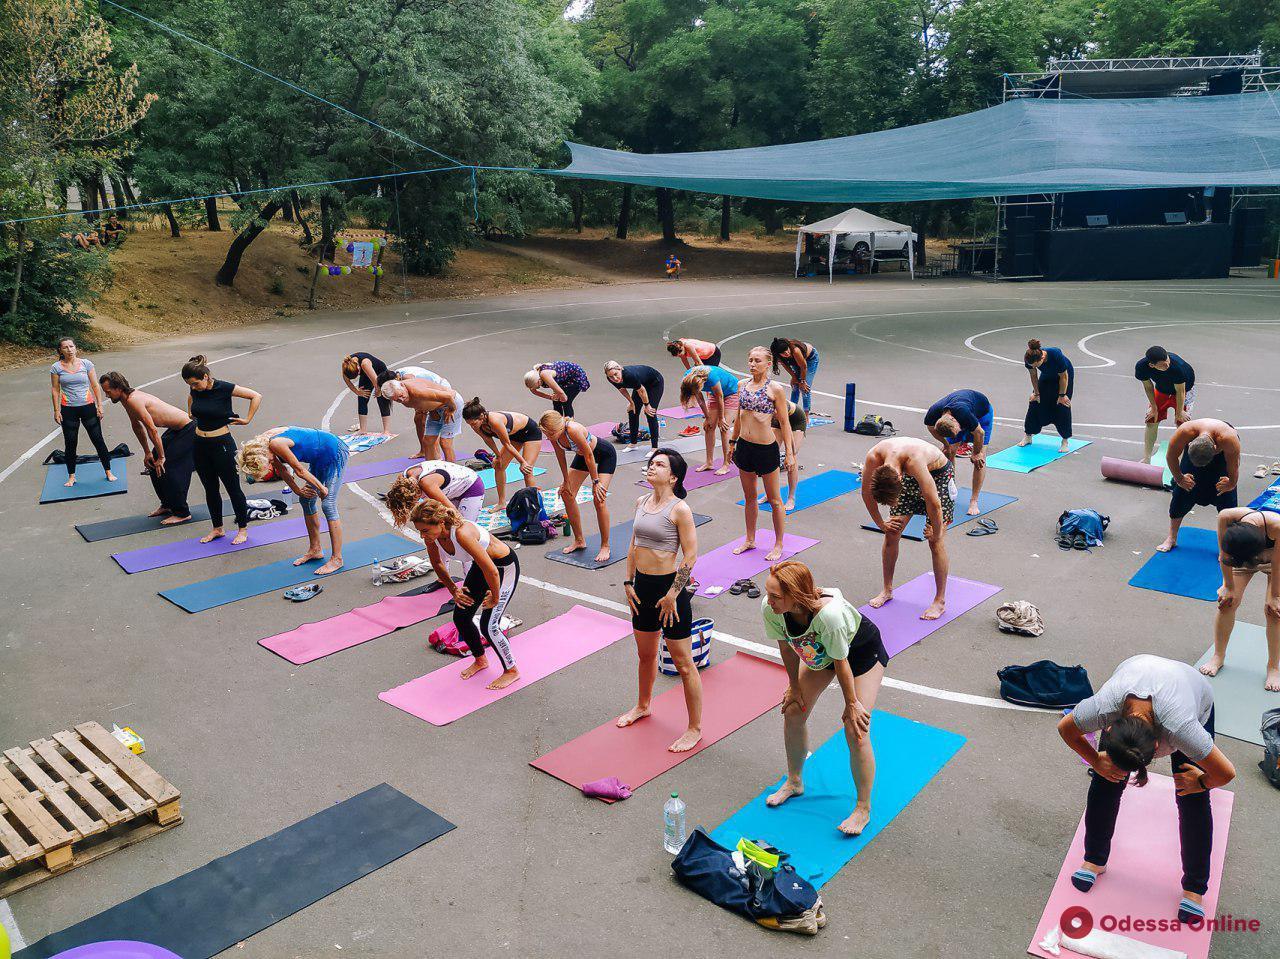 В парке Шевченко устроили настоящий йога-день (фото)